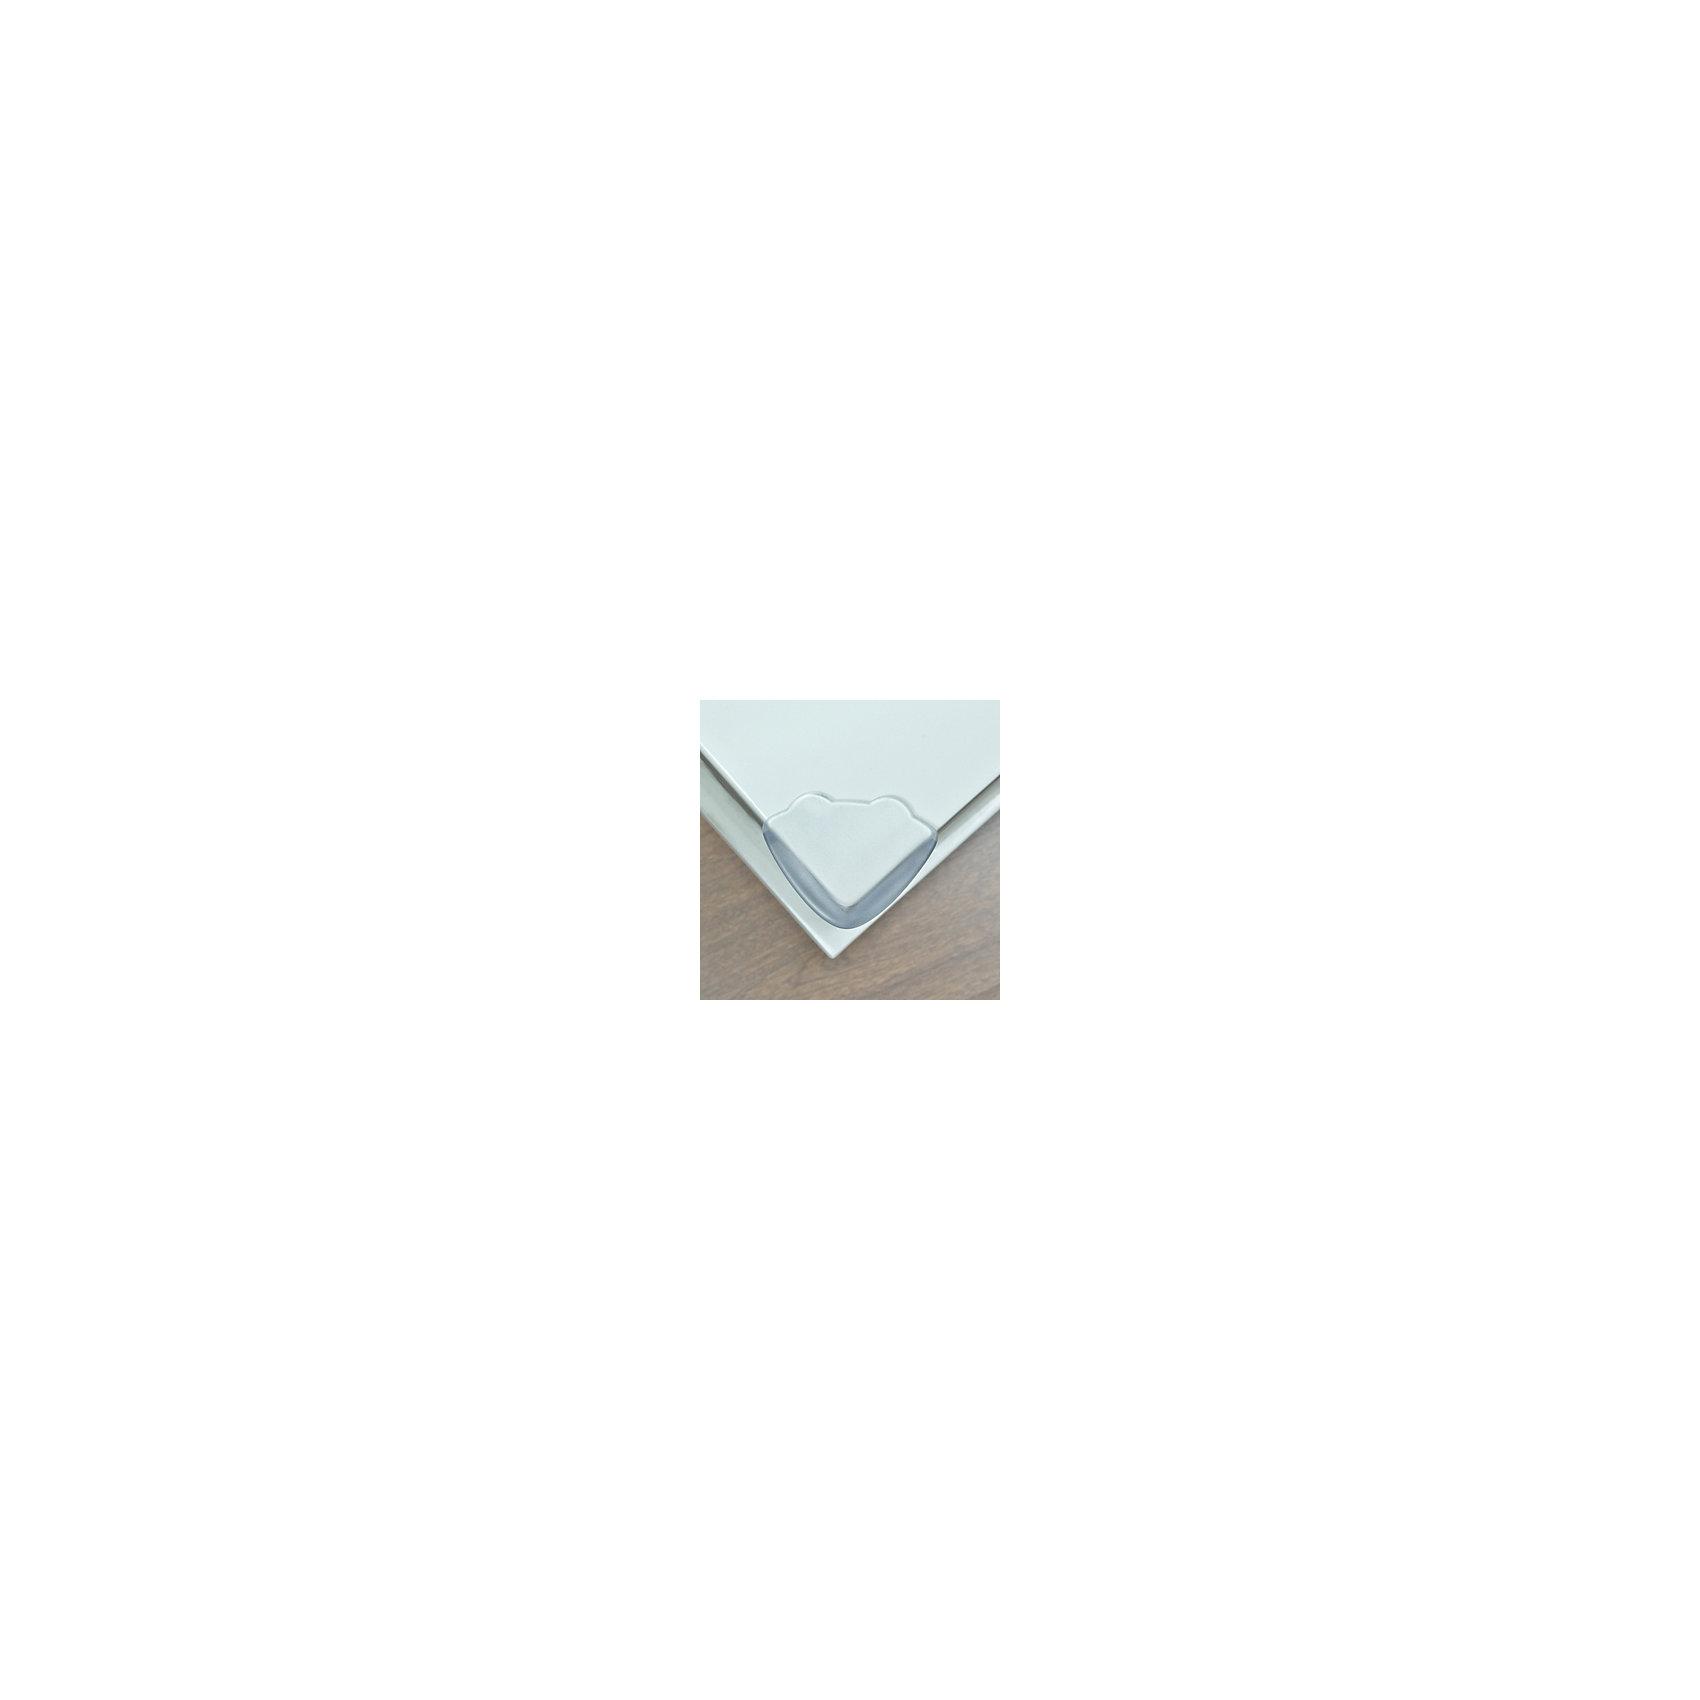 Накладки на углы прозрачные матовые прямоугольные 4 шт., LUBBYБлокирующие и защитные устройства для дома<br>Накладки на углы Прозрачные матовые – это прозрачные накладки, прямоугольной формы, на липучках. Они прикроют острые углы, и защитят Вашего малыша от получения травм. Легко крепятся на углы с помощью липкой основы. Сочетаются с общим интерьером. Крепятся к предметам, имеющим острые углы. Универсальные , т. е.  подходят для любого типа мебели. Липкий слой легко удаляется водой с мылом.<br>Инструкция по применению: Перед применением очистить поверхность от пыли, опилок и жира. Снять защитное покрытие с одной стороны липучек, входящих в комплект. Закрепить липучку на накладку. Затем снять защитный слой со второй стороны липучки. Прикрепить накладку на очищенный угол. Плотно прижать накладку к углу.<br><br>Дополнительная информация: <br><br>- состав: поливинилхлорид, целлюлоза с клейким слоем.<br>- срок службы: 3 года<br>- комплектация: 4 шт.<br><br>Накладки на углы Прозрачные матовые можно купить в нашем интернет-магазине.<br><br>Ширина мм: 200<br>Глубина мм: 200<br>Высота мм: 150<br>Вес г: 350<br>Возраст от месяцев: 0<br>Возраст до месяцев: 36<br>Пол: Унисекс<br>Возраст: Детский<br>SKU: 4801546